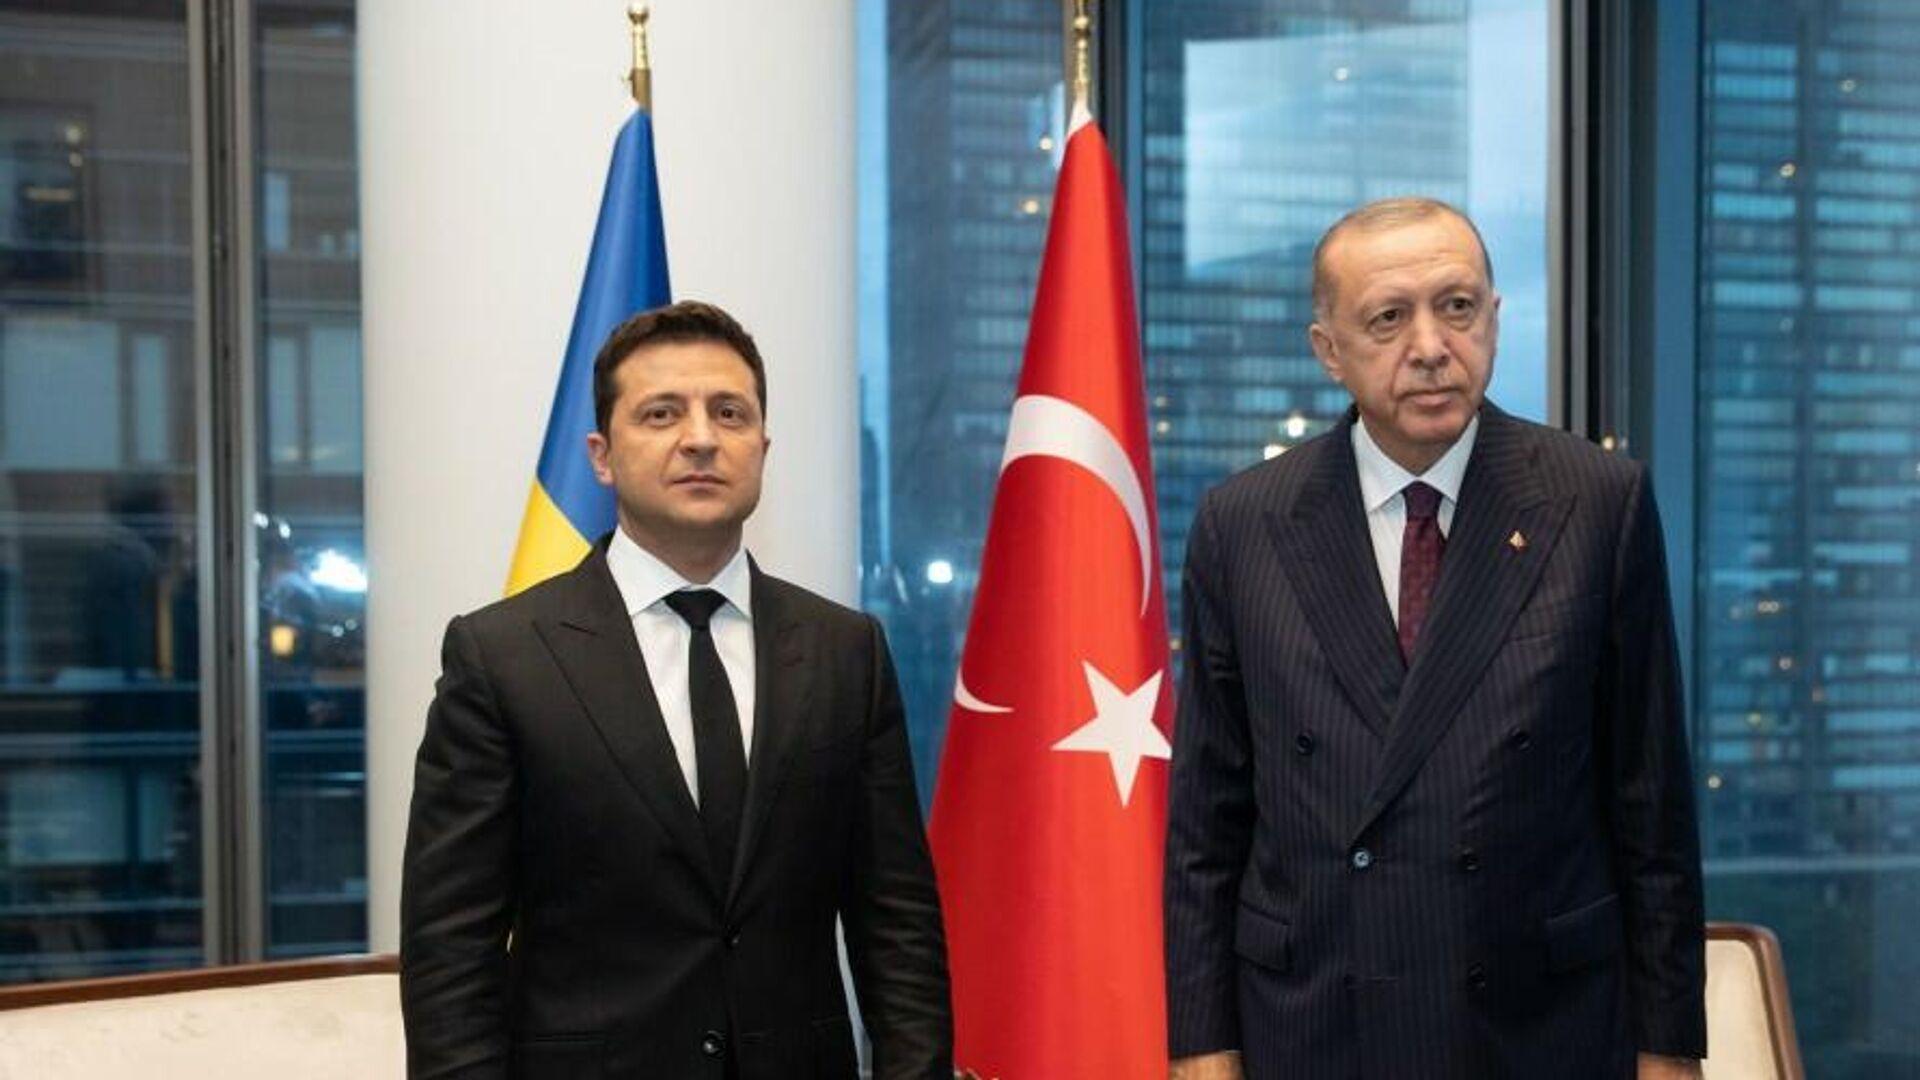 Президент Украины Владимир Зеленский и президент Турции Тайип Эрдоган во время встречи в Нью-Йорке - РИА Новости, 1920, 22.09.2021